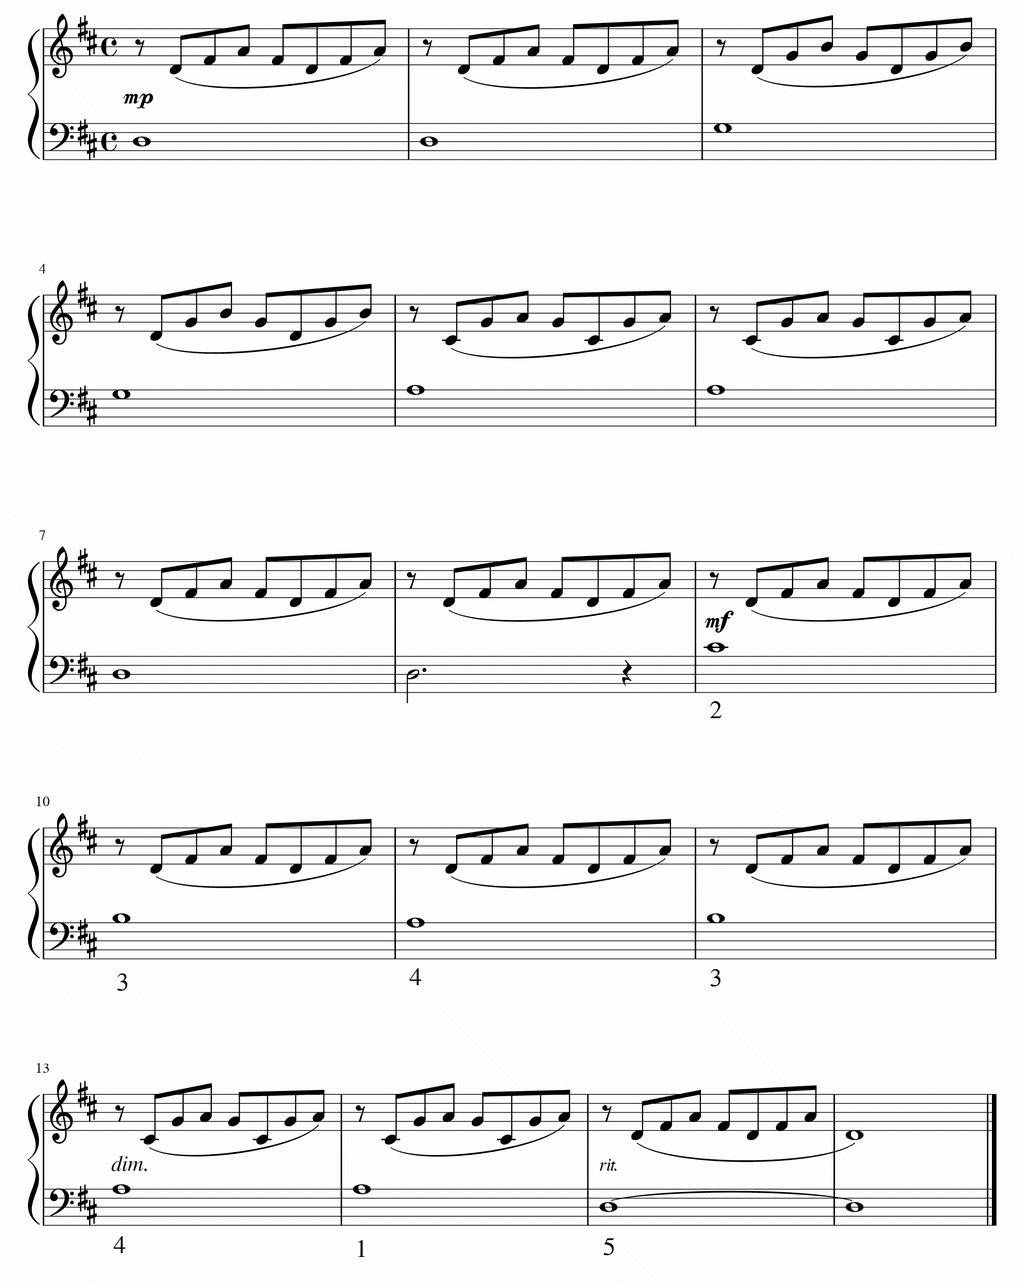 変ニ長調のプレリュード 移調練習 in D Major